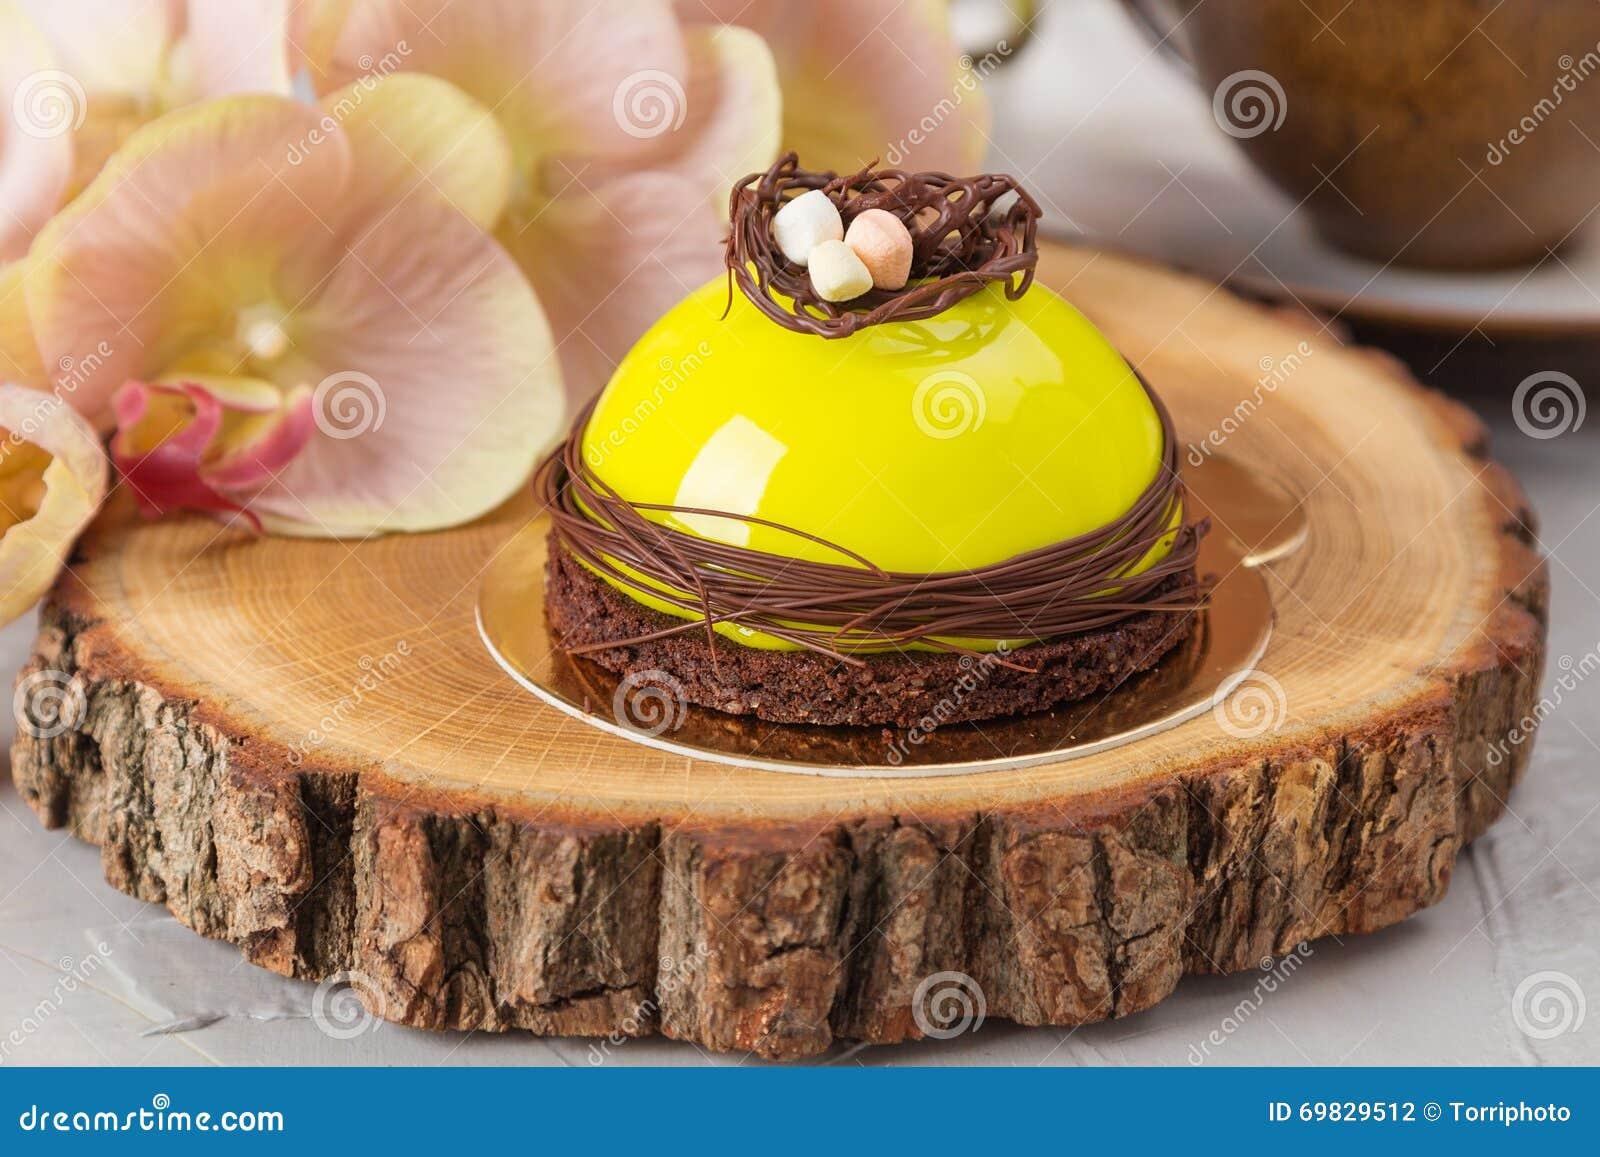 Minikremeiskuchen Mit Gruner Glasur Stockfoto Bild Von Hintergrund